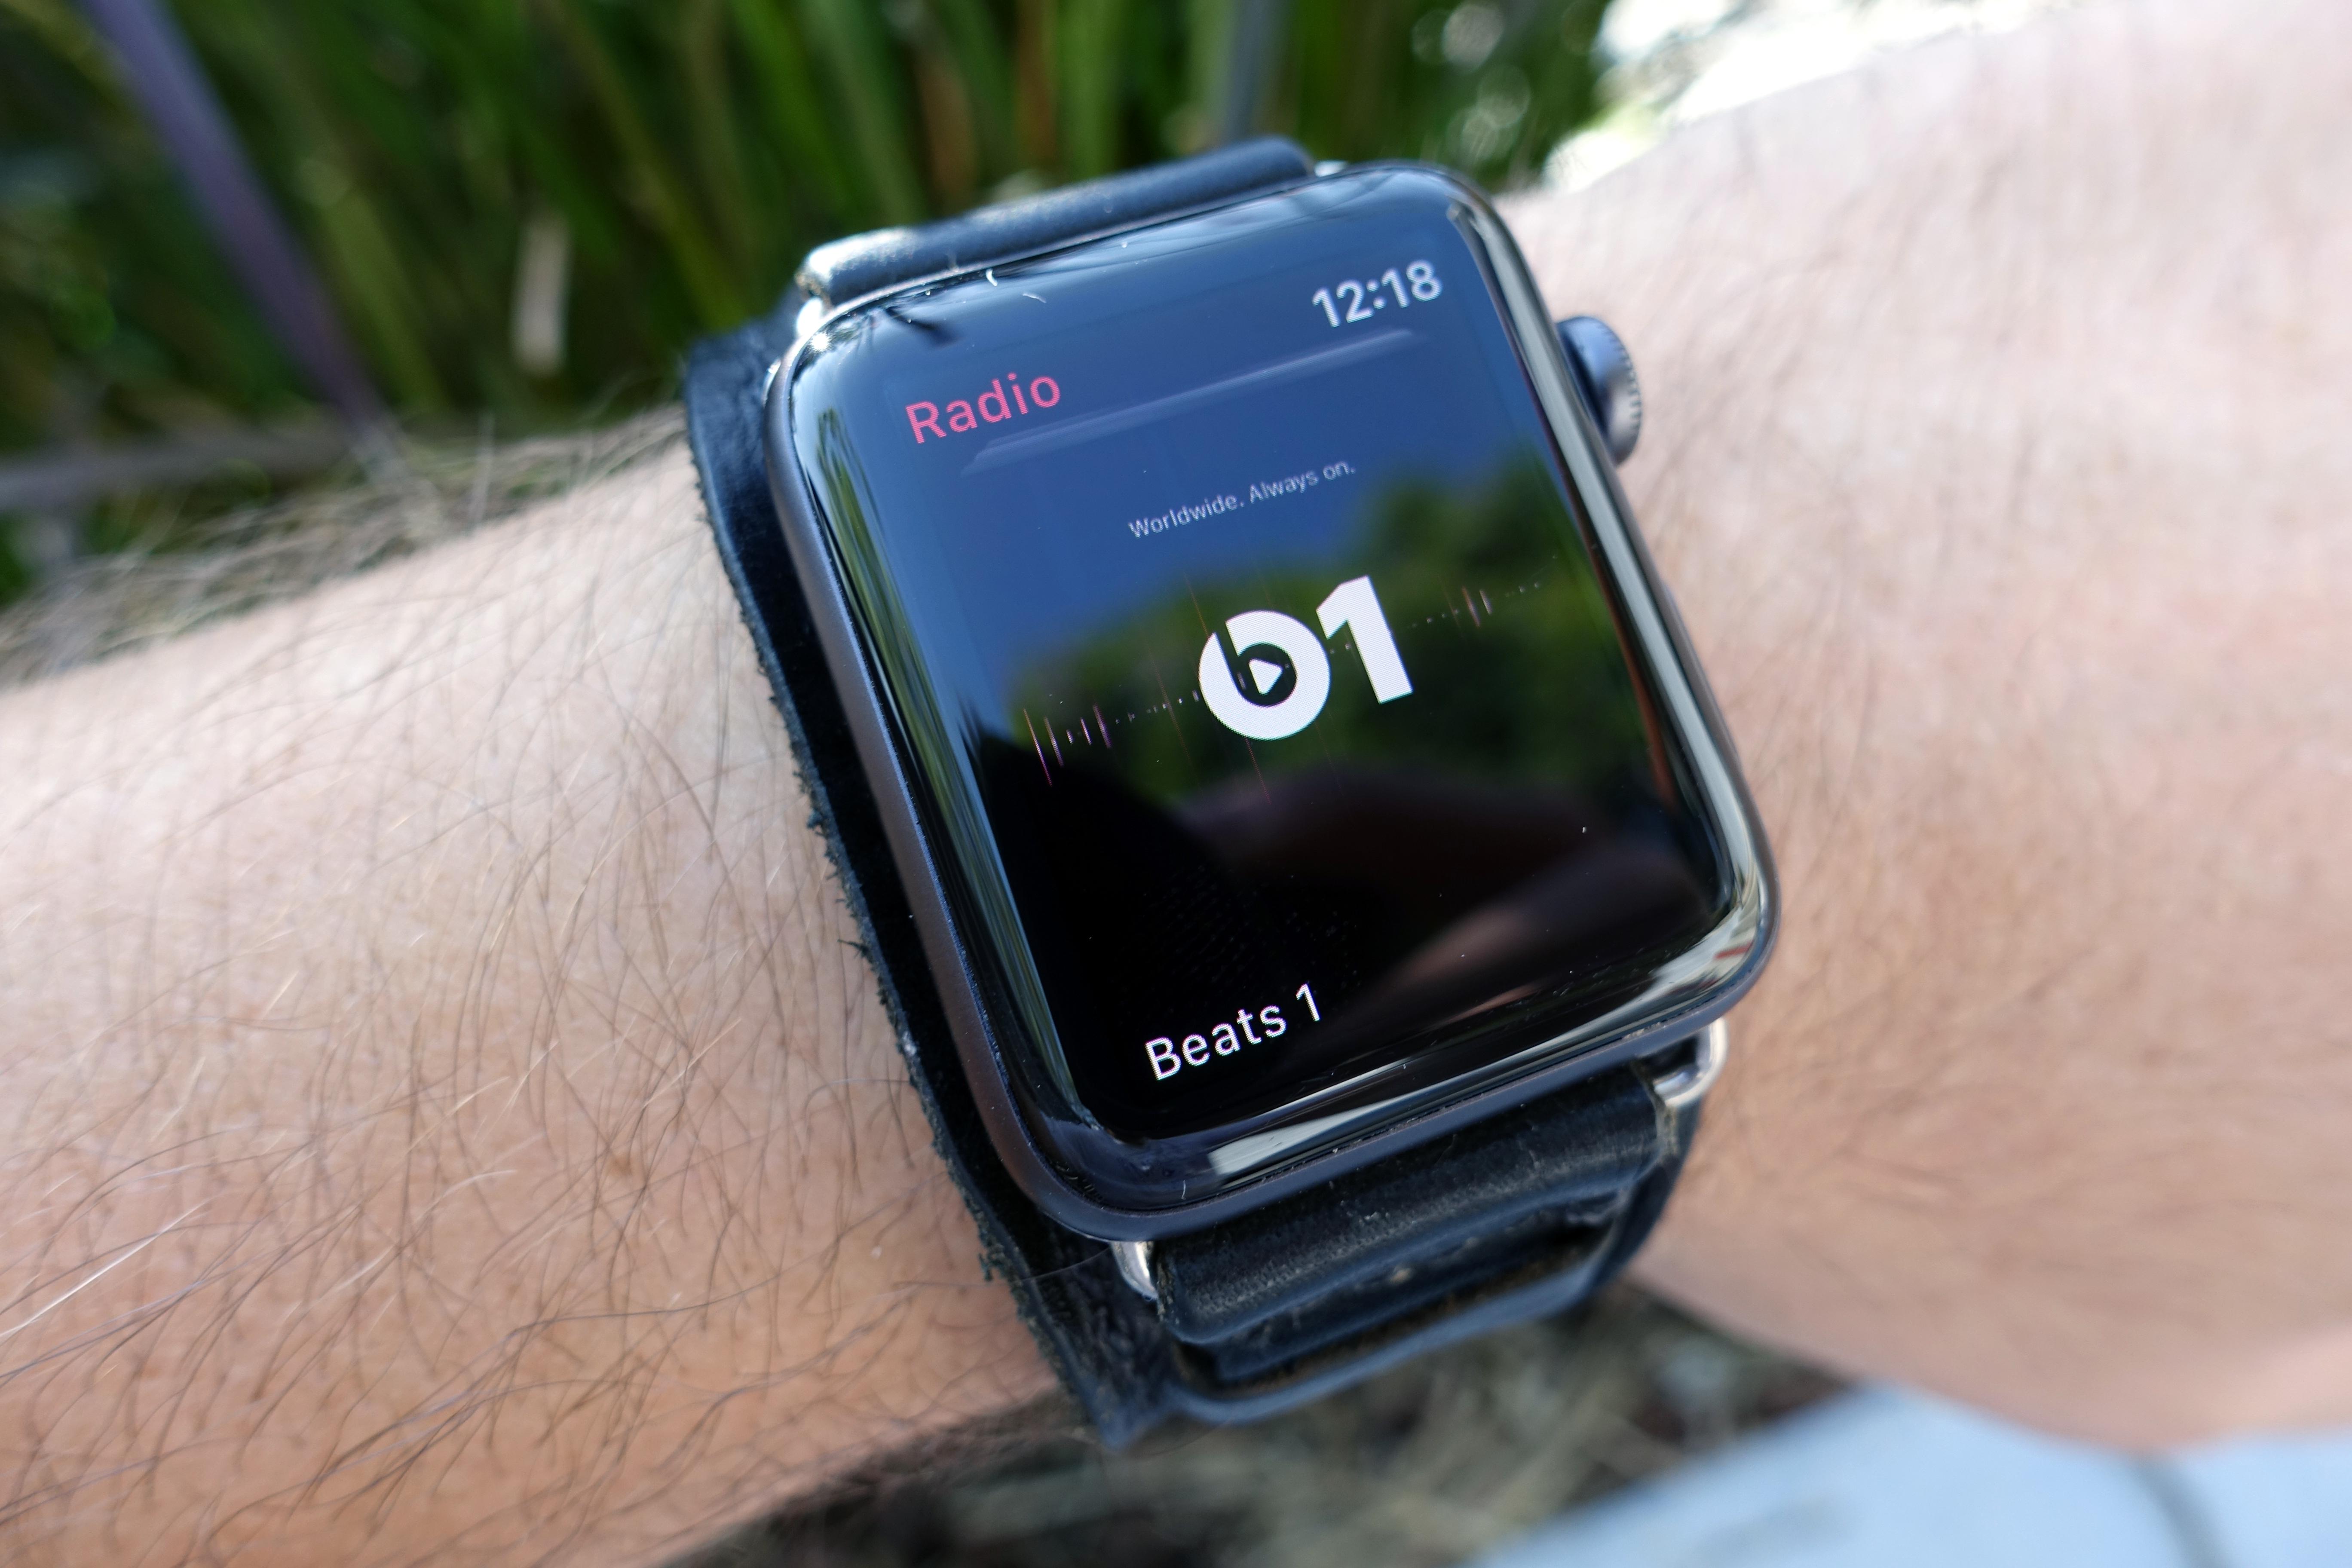 Det er herlig å kunne lytte til radio eller musikk-biblioteket ditt på Apple Music uten å trenge mobil eller WiFi.